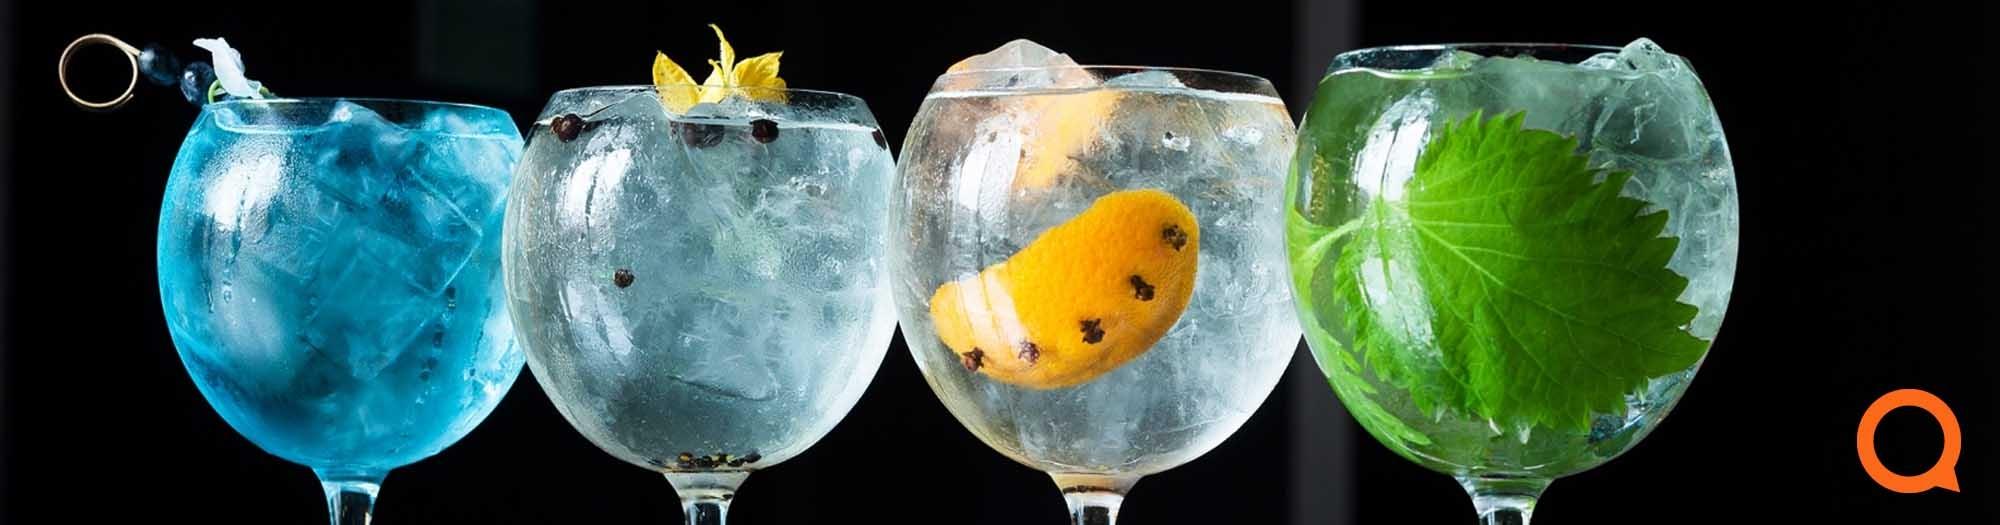 Gin & Tonic pakketten